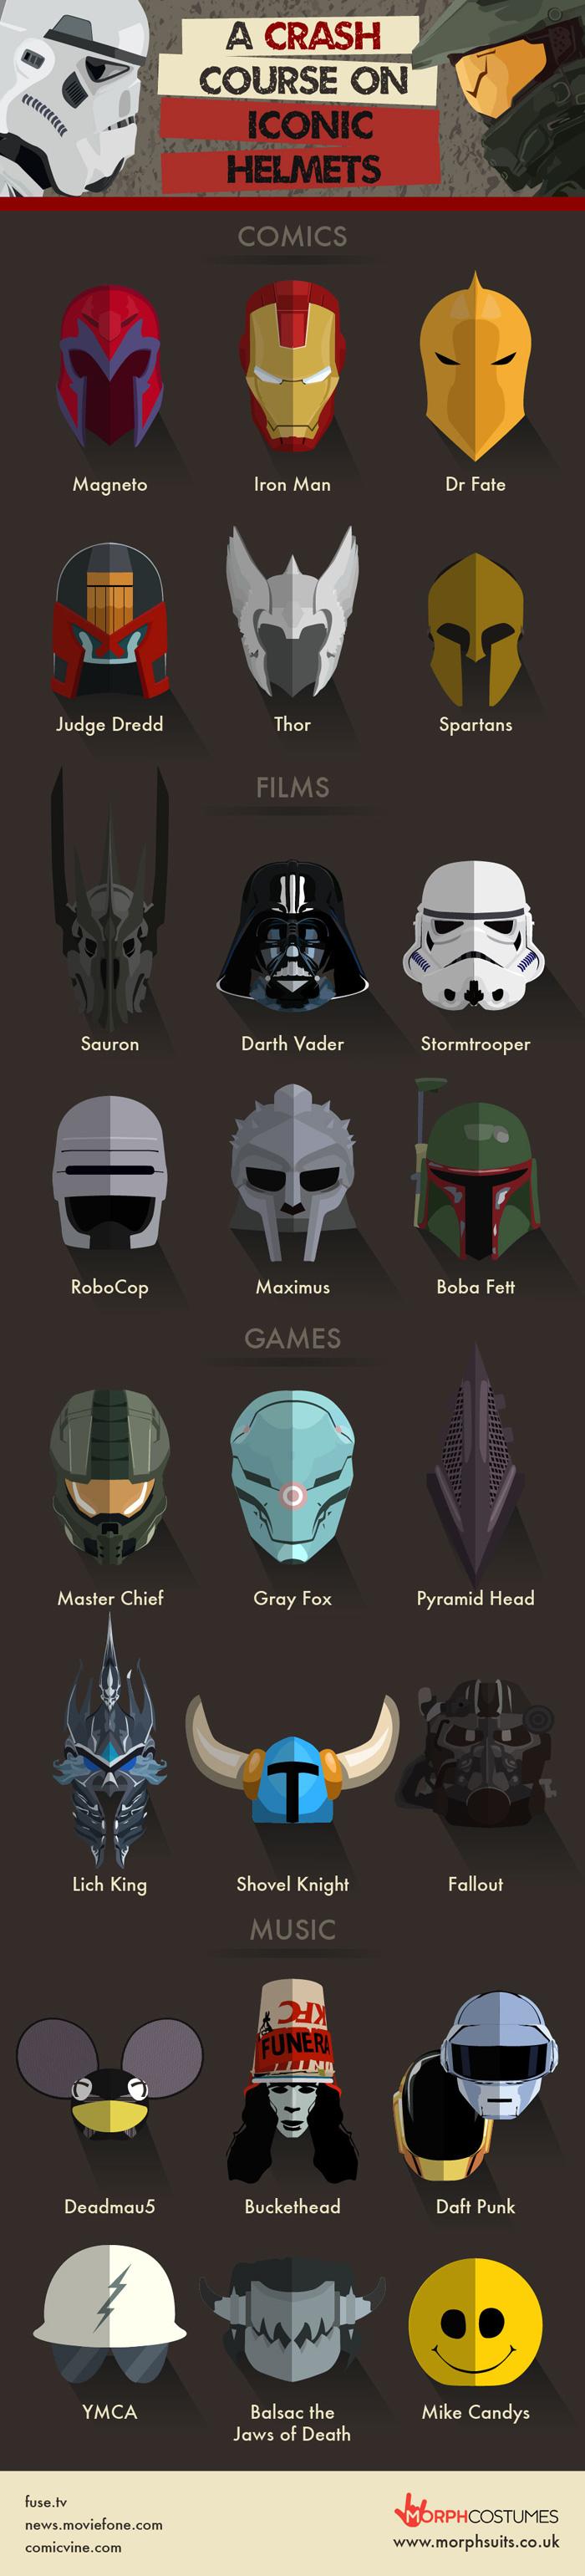 Iconic Helmets Infographic